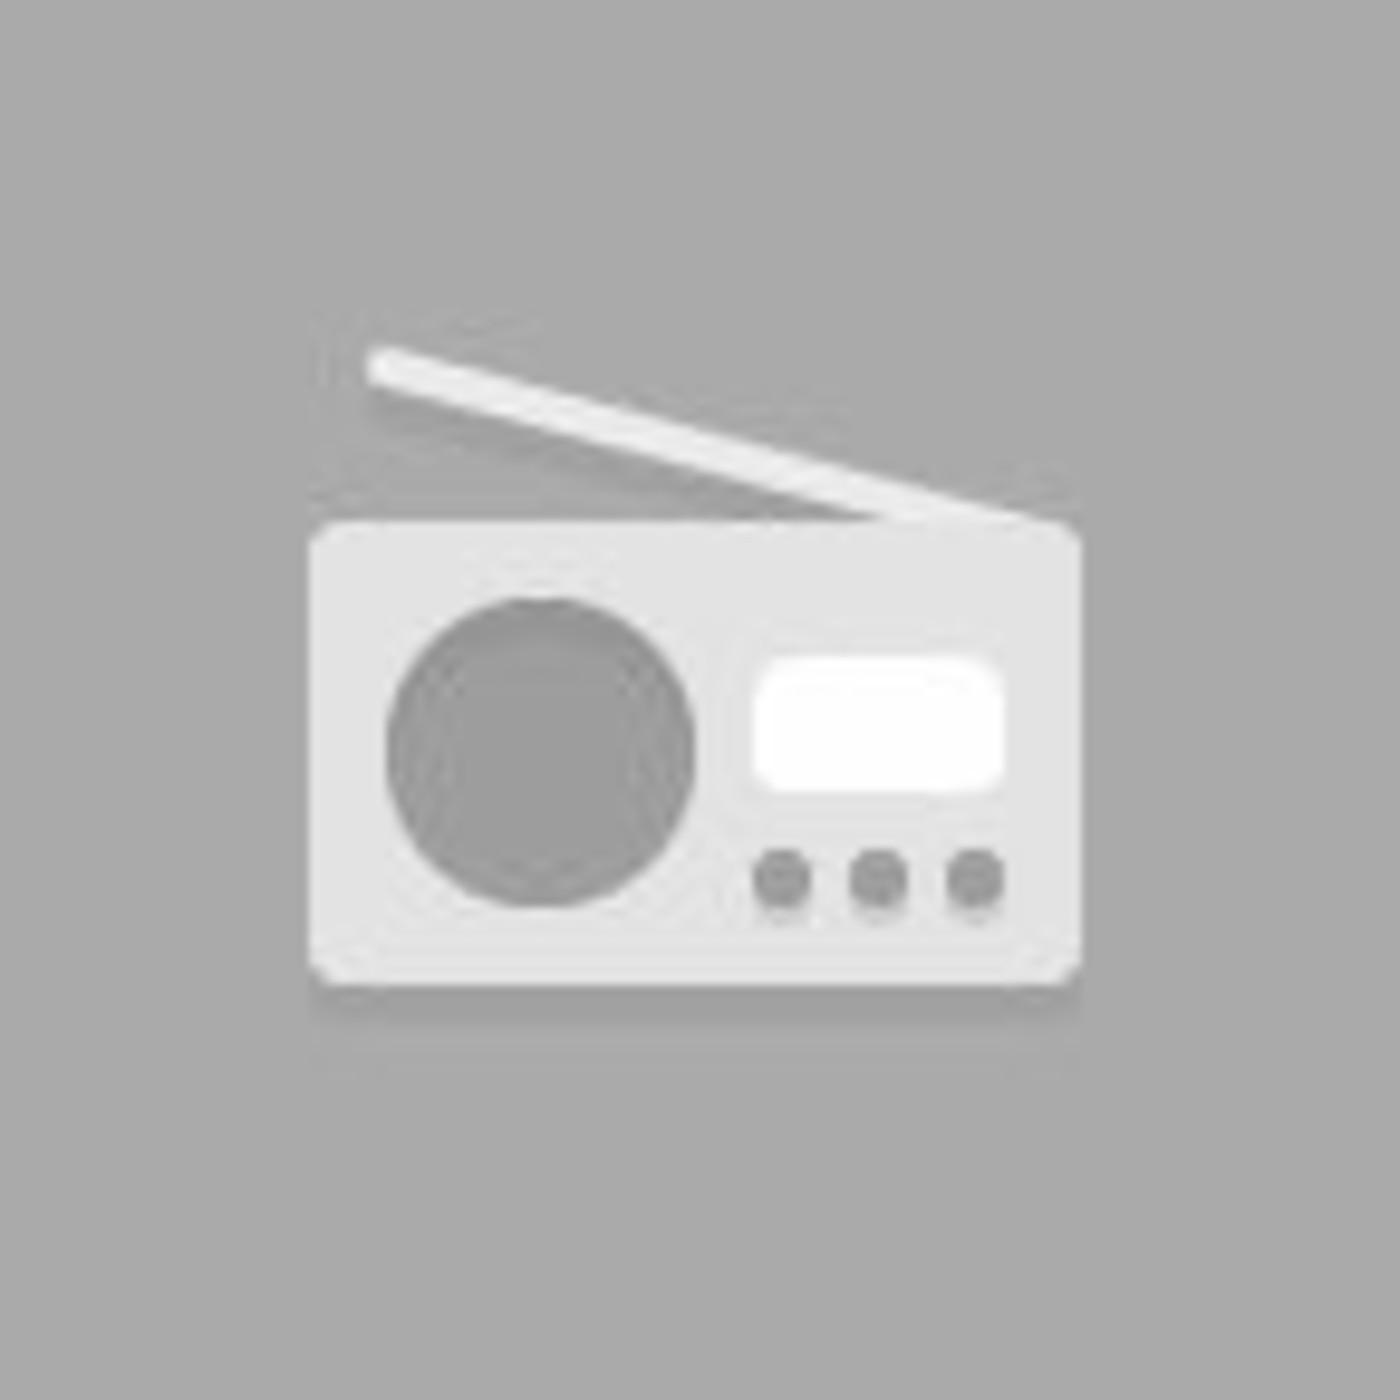 Radio Uno (Girardot